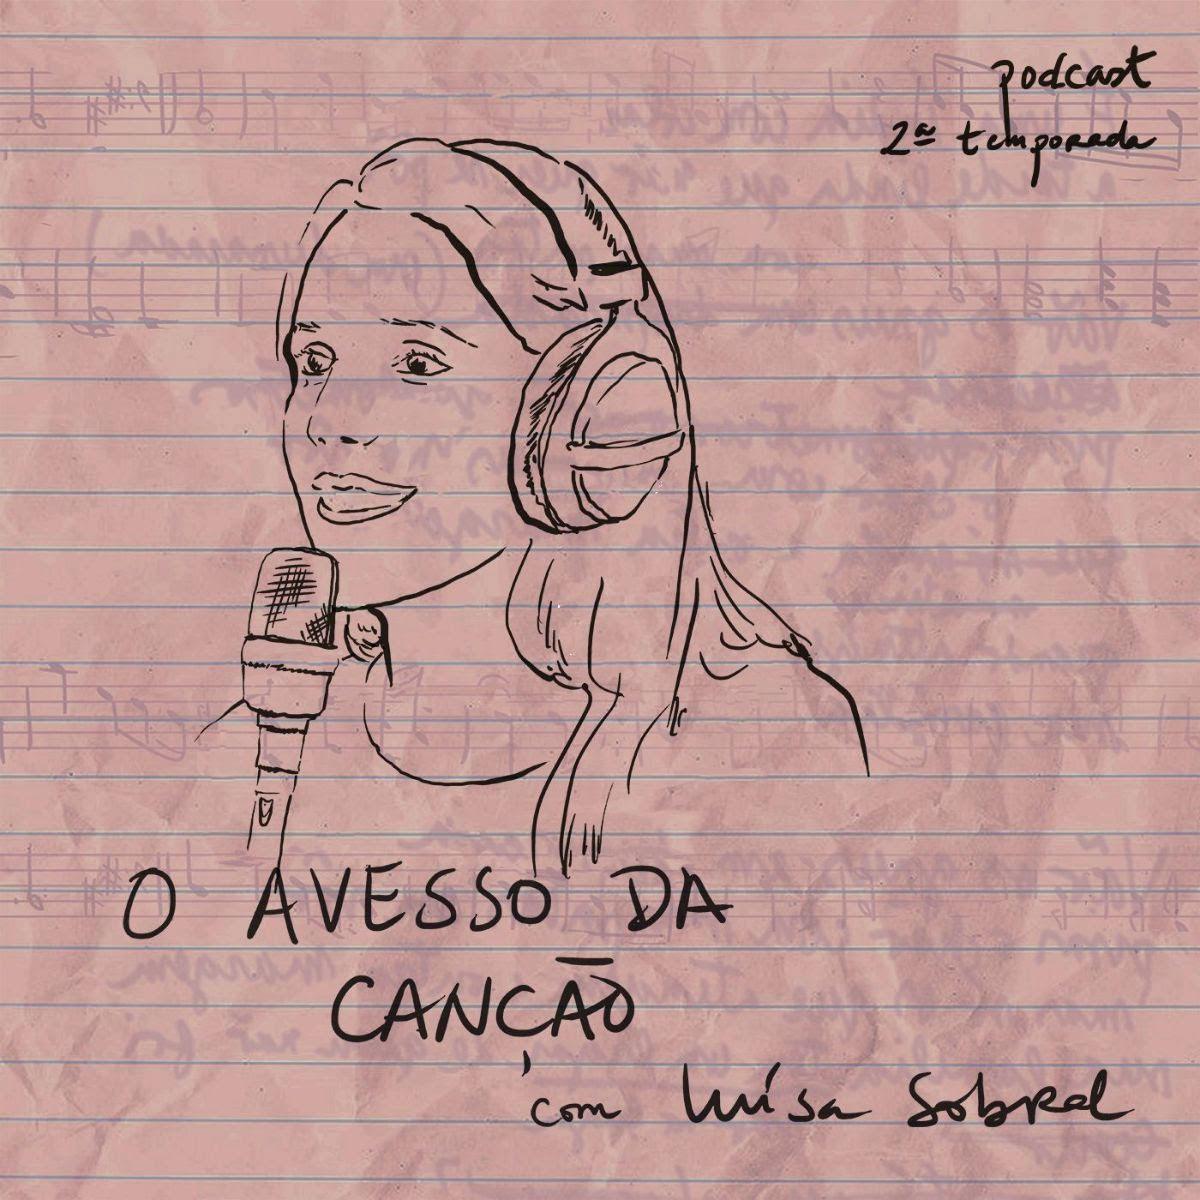 Luísa Sobral conversa com Sérgio Godinho no último episódio d'O Avesso da Canção